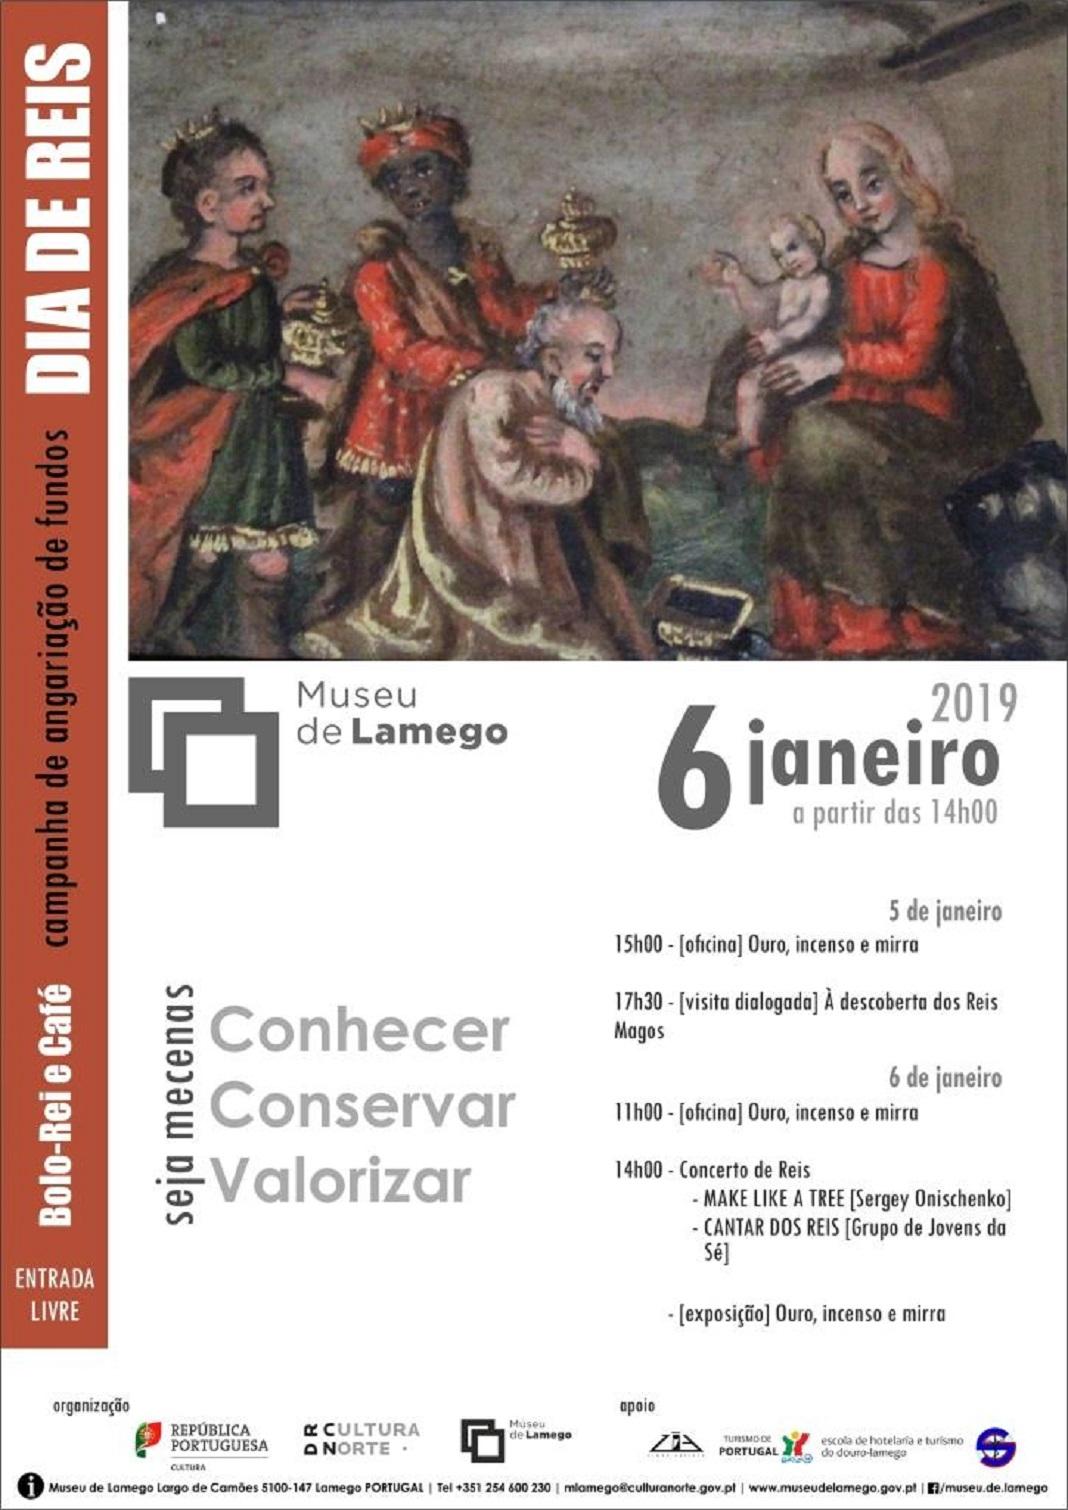 Dia de Reis, 6 de janeiro, no Museu de Lamego